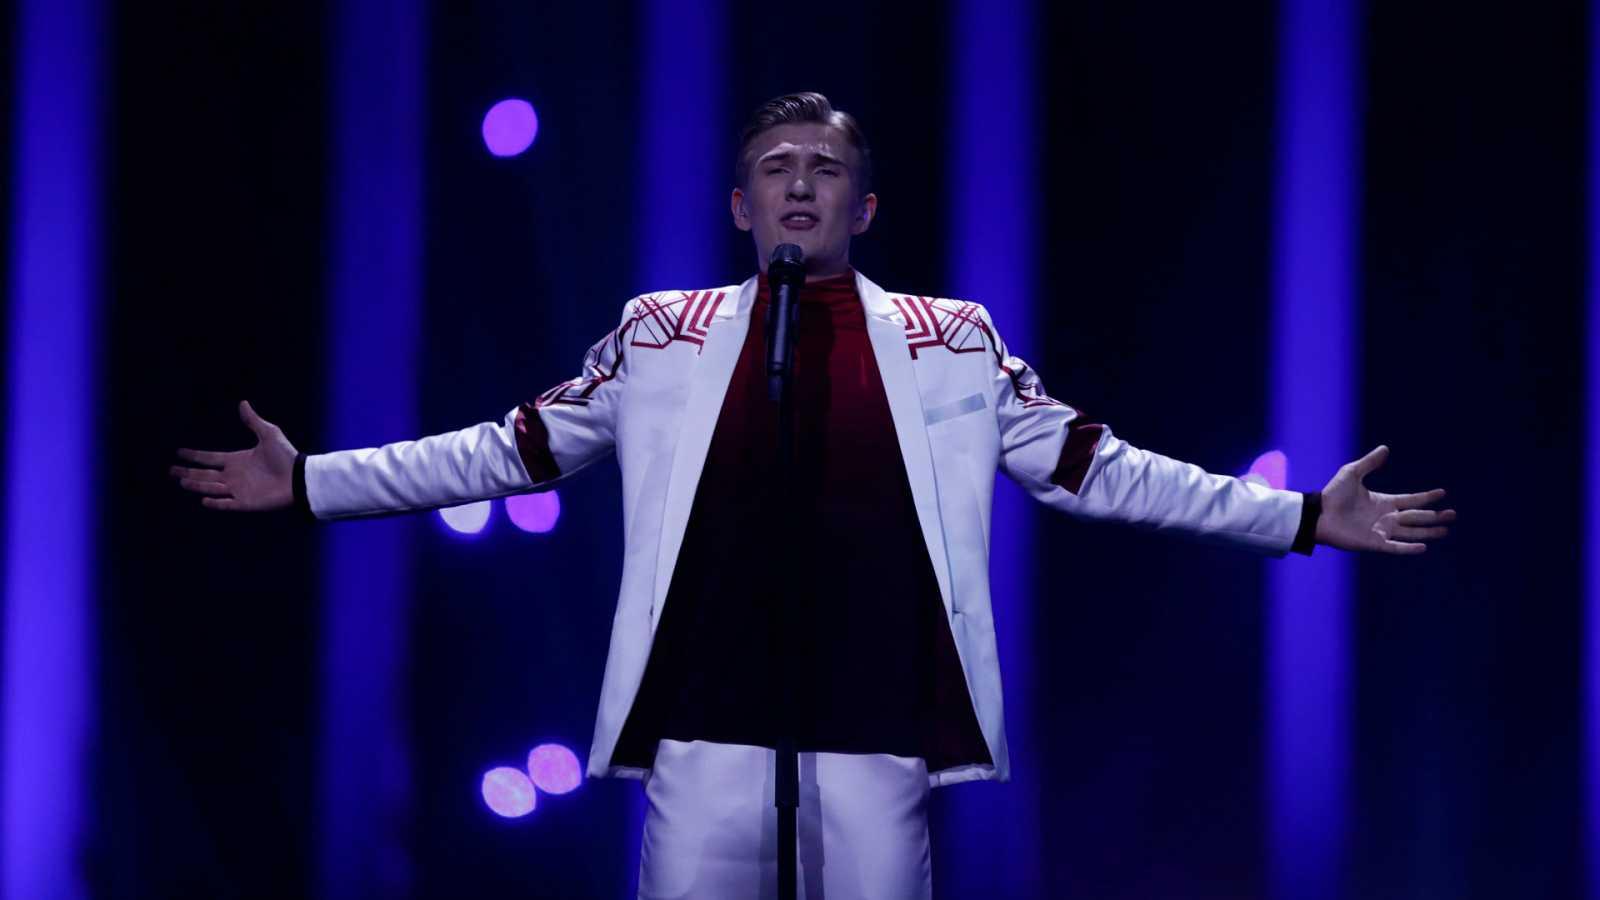 """Eurovisión - Islandia: Ari Ólafsson canta """"Our choice"""" en la primera semifinal de Eurovisión 2018"""